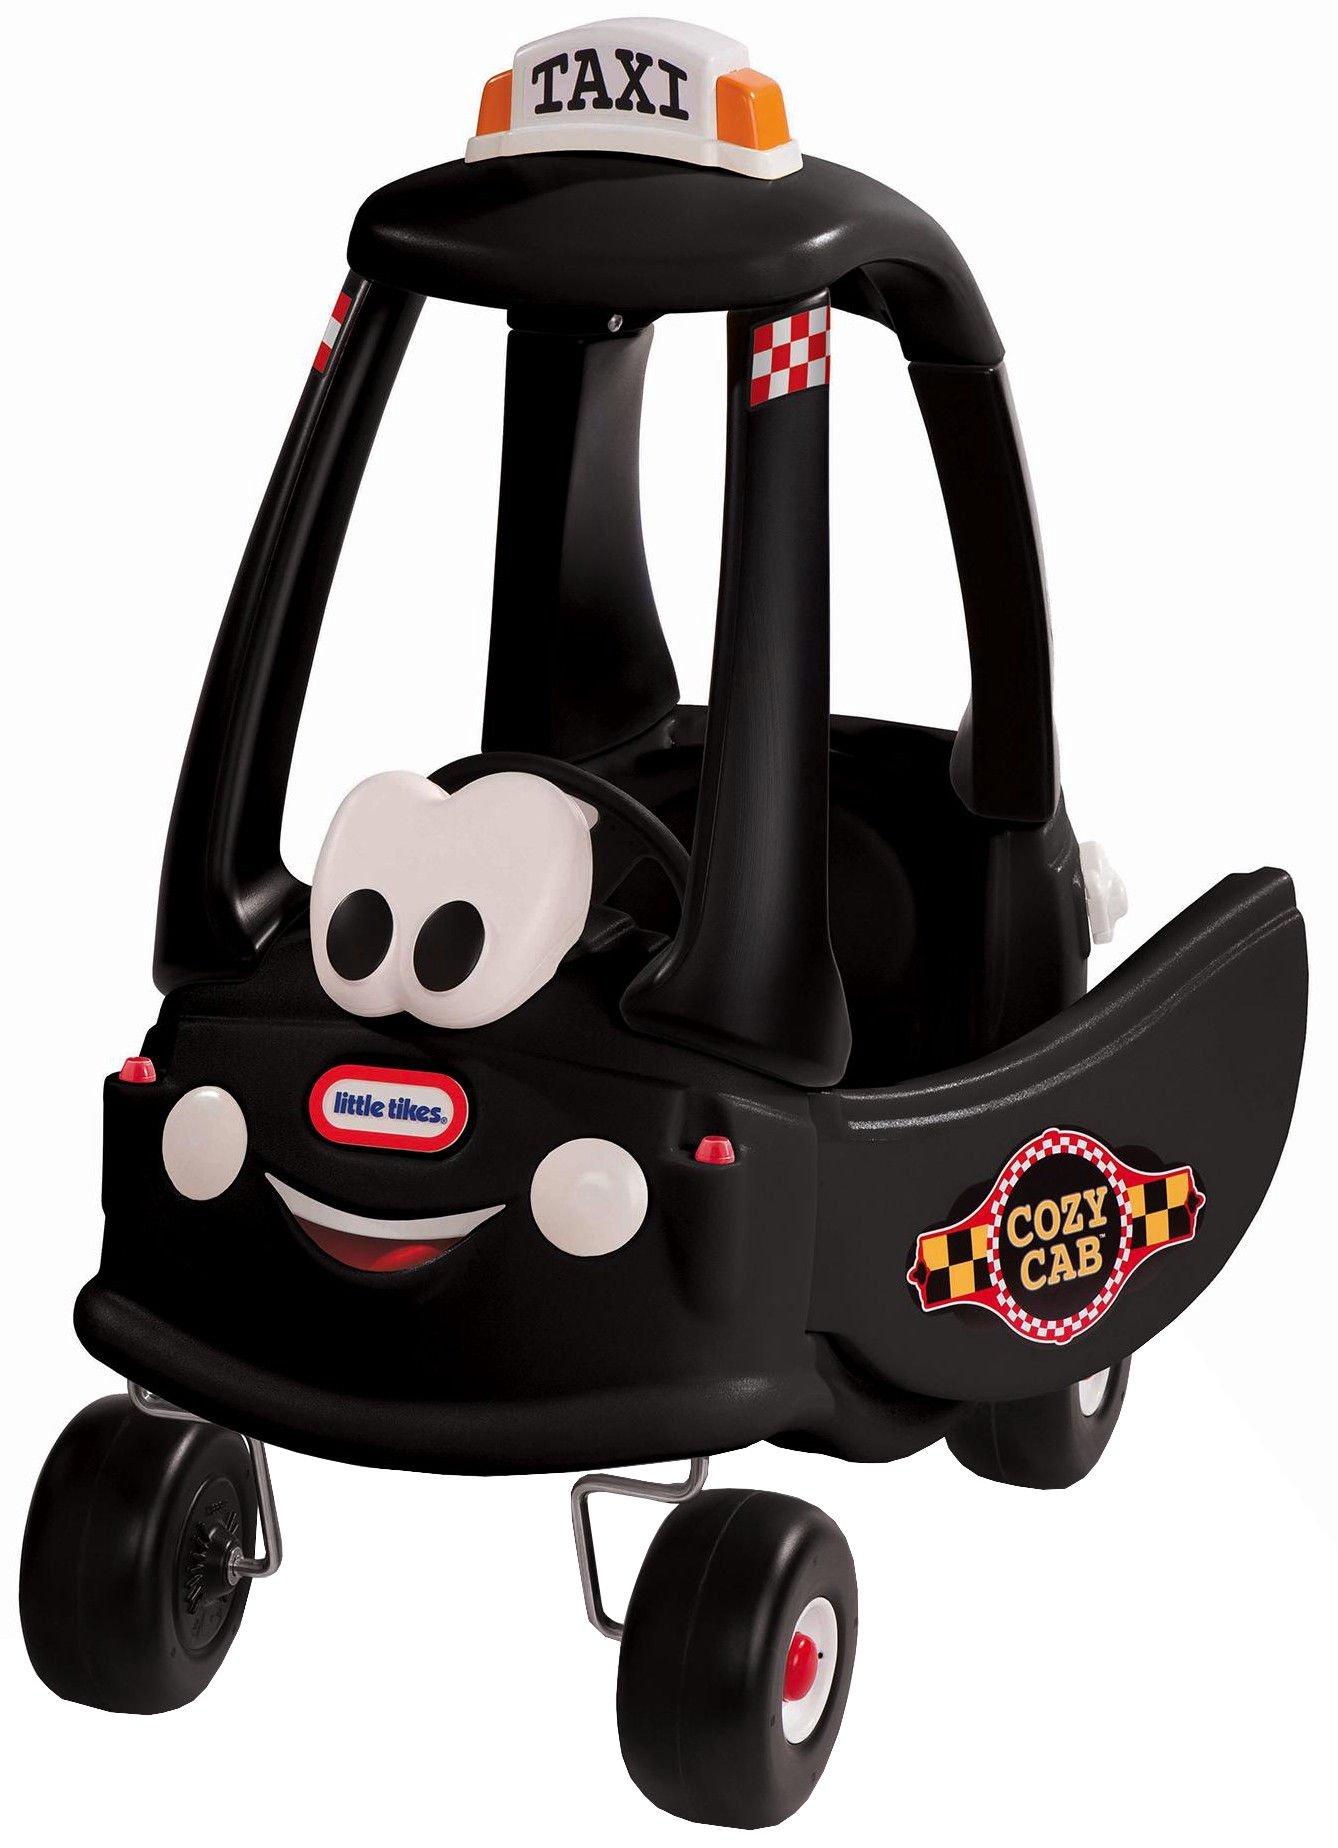 Little Tikes Cozy Coupe Taxi Bērnu stumjama mašīna